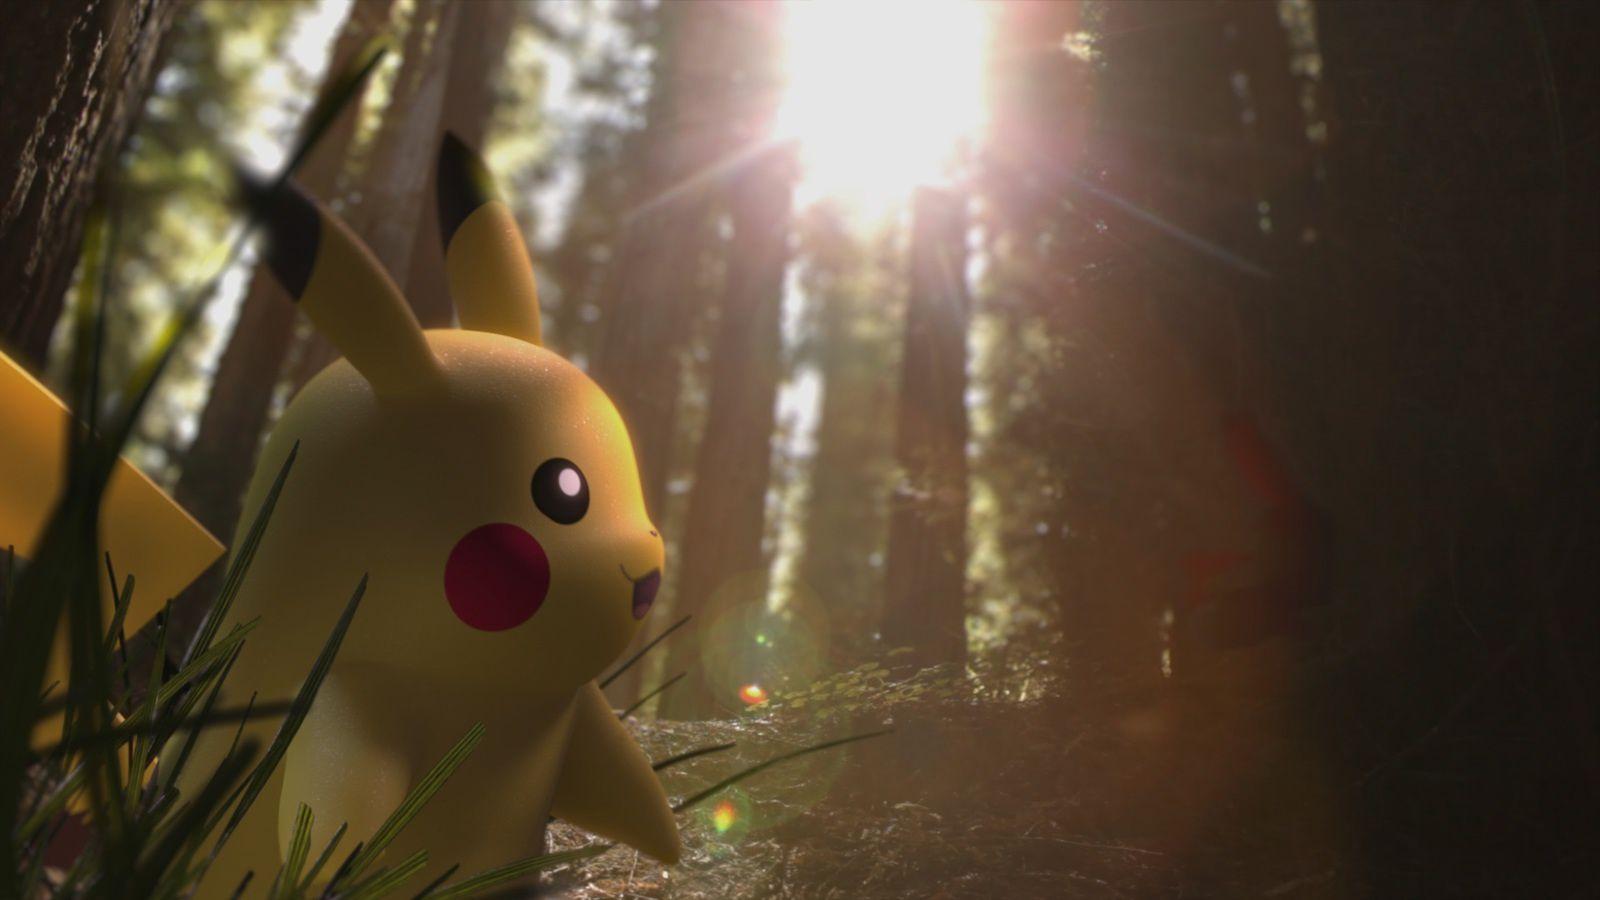 Un court-métrage célèbre la découverte de nouveaux Pokémon incroyables